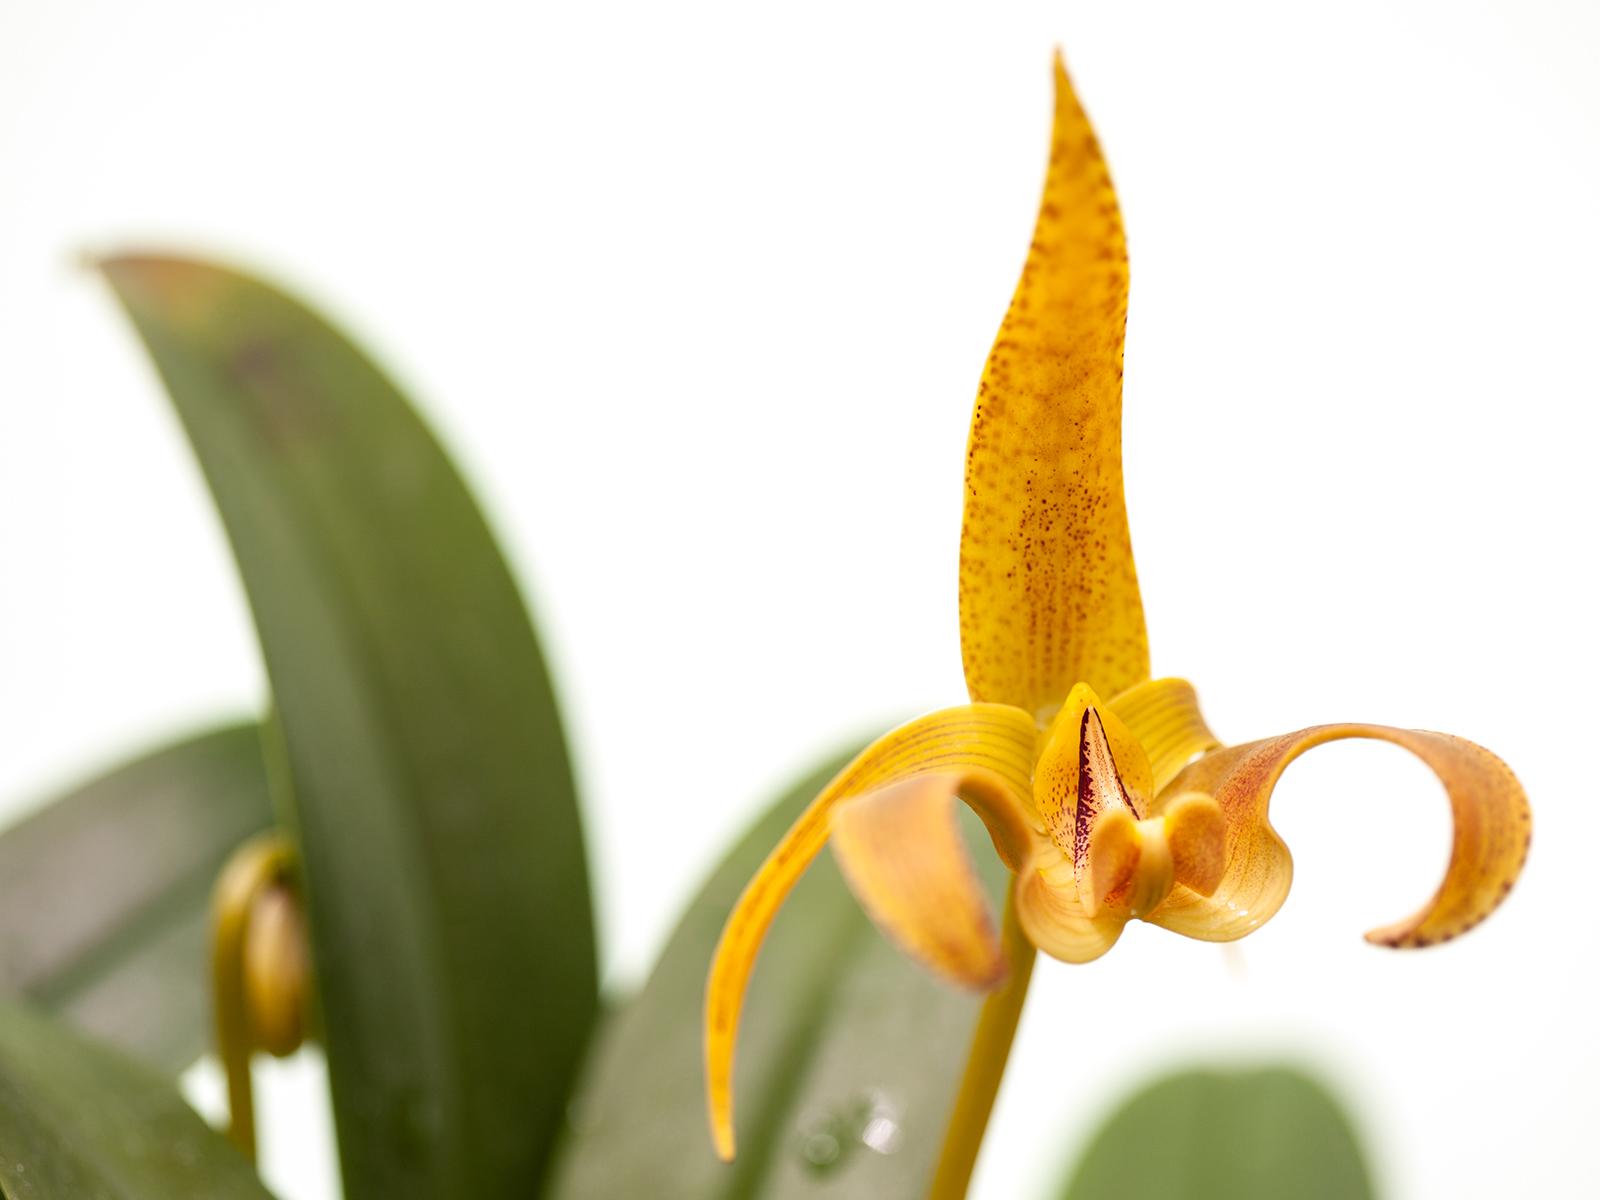 Bulbophyllum lobbii var. polystictum